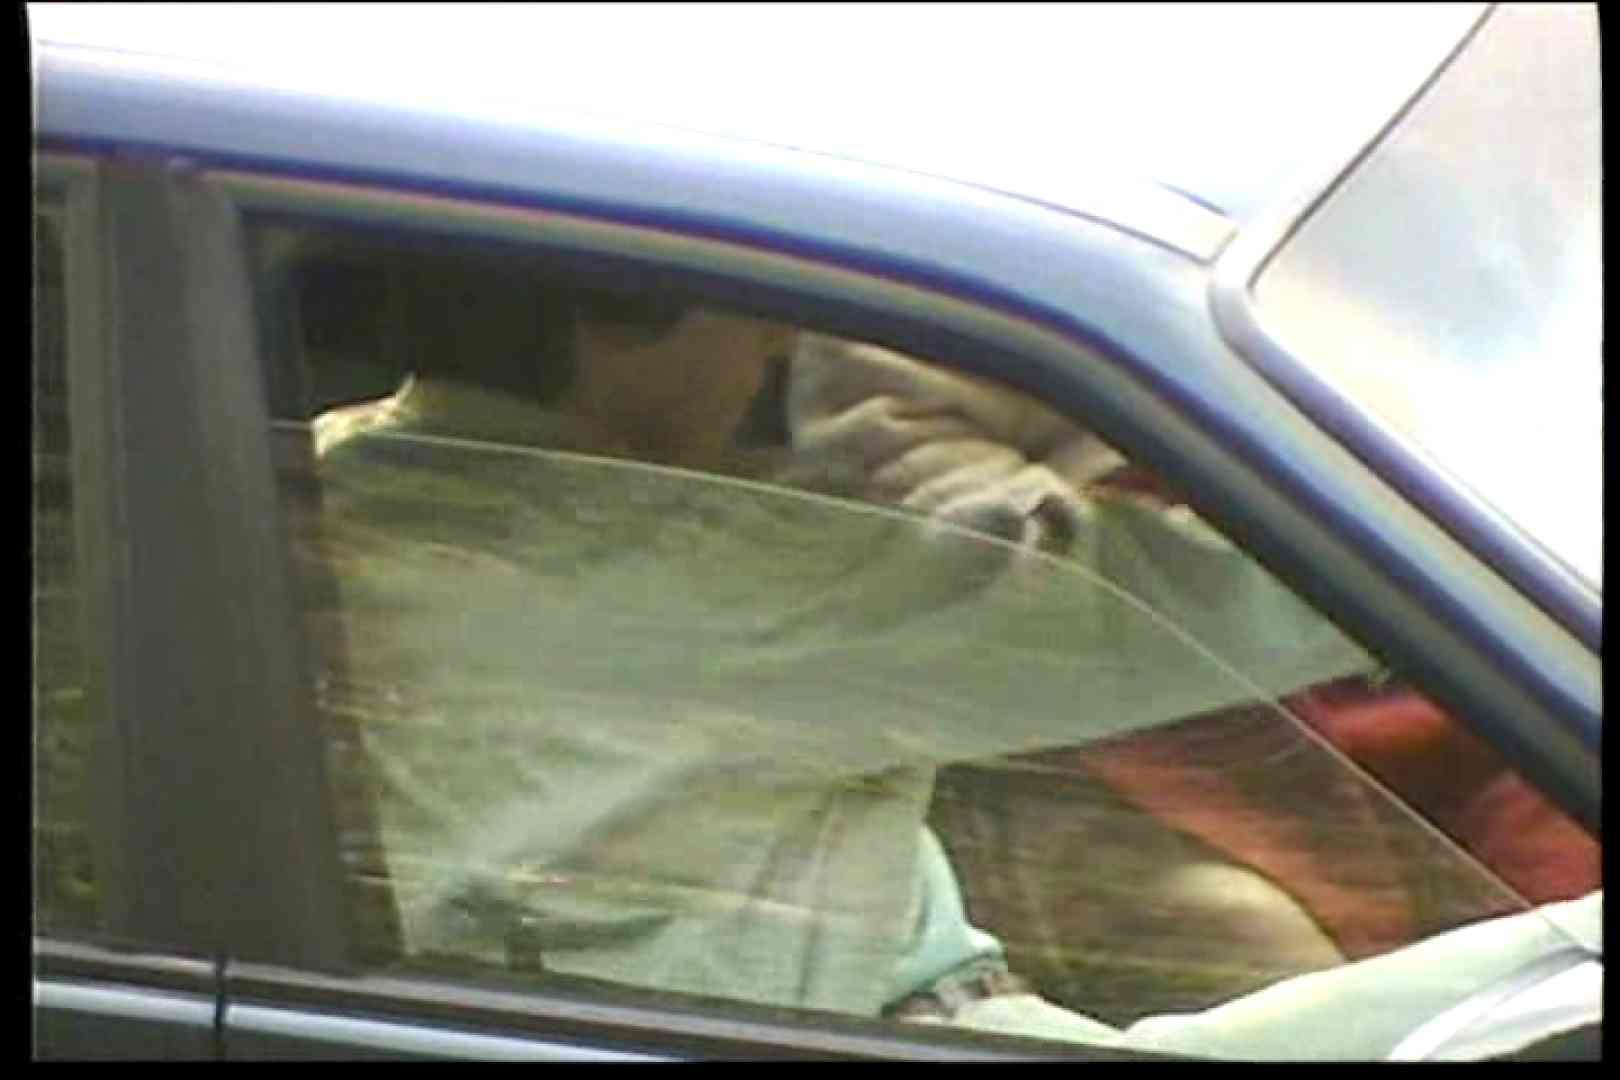 車の中はラブホテル 無修正版  Vol.12 ラブホテル隠し撮り おめこ無修正動画無料 87pic 31